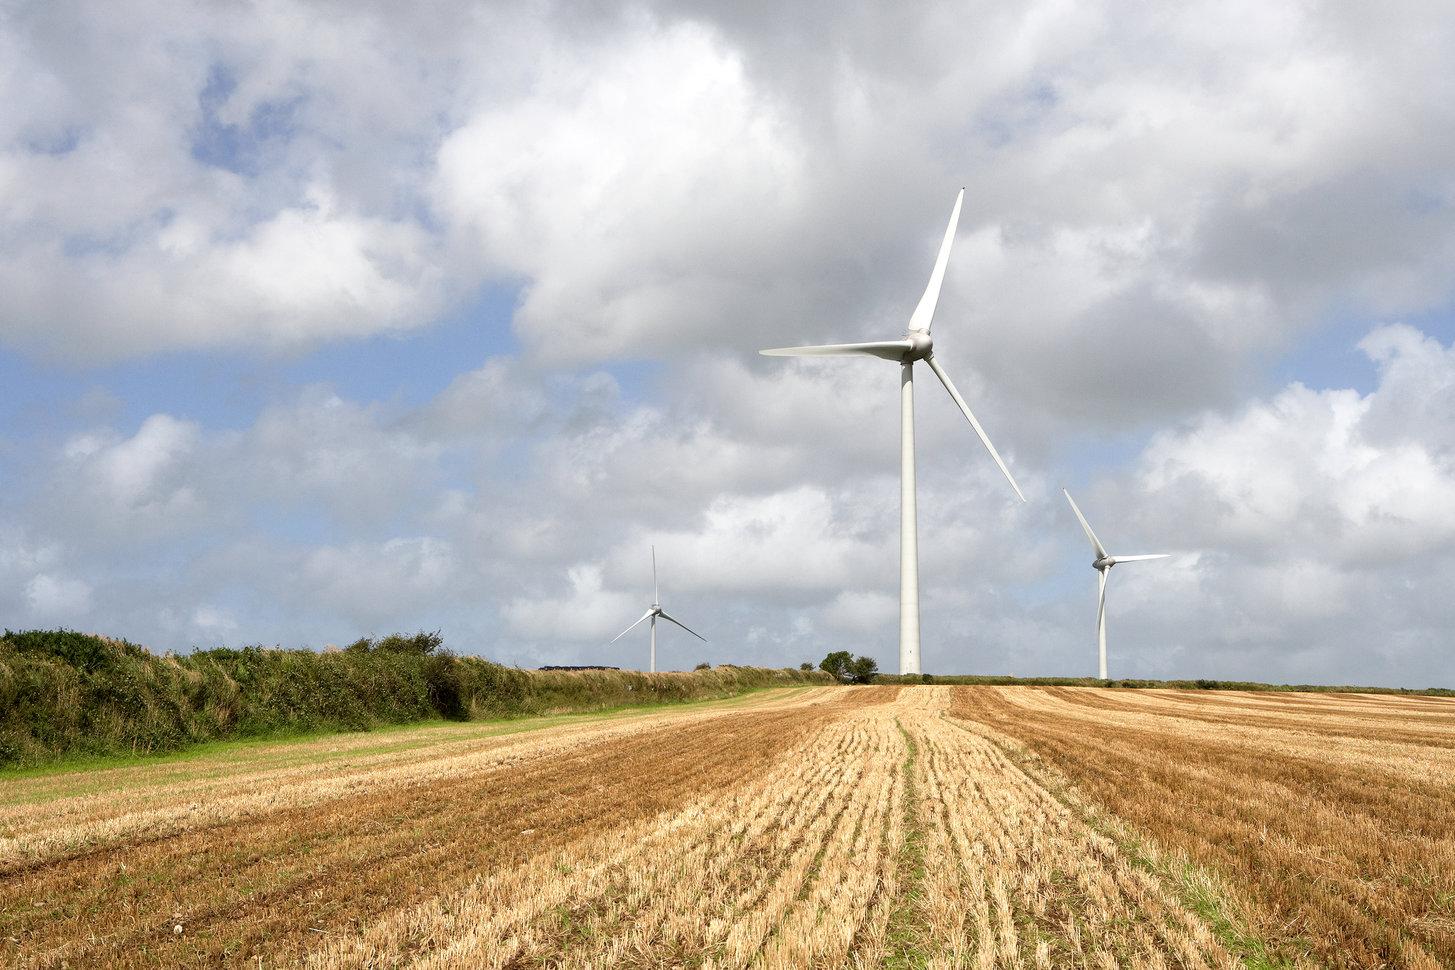 NEX Exchange Profile: Good Energy Group plc